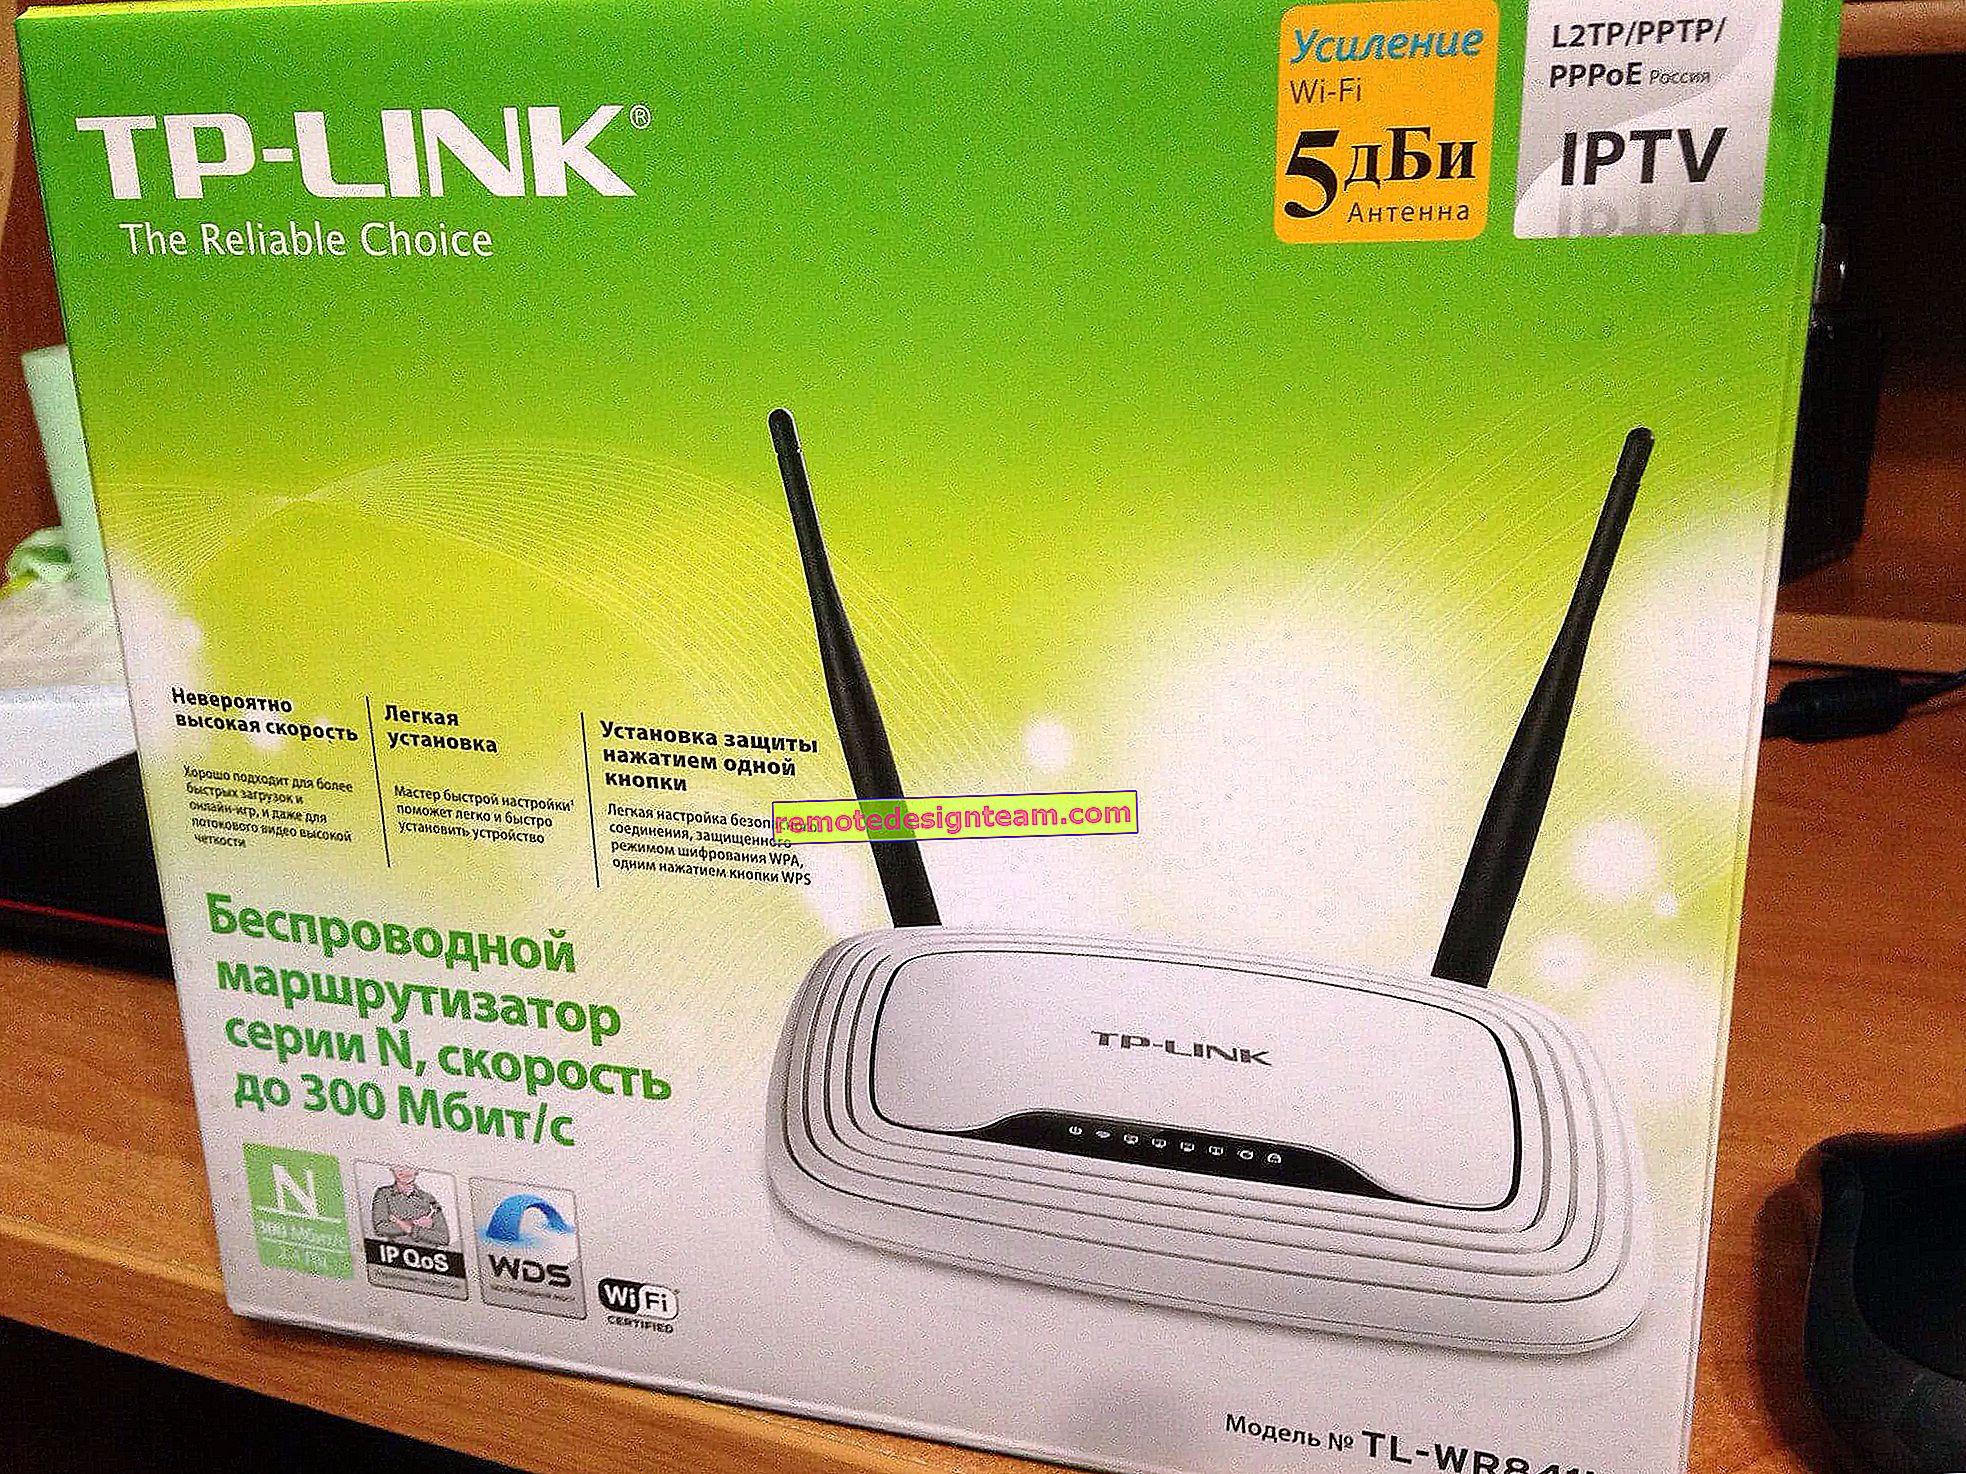 Konfiguracja routera TP-Link TL-WR841N. Konfiguracja połączenia, Internetu i Wi-Fi